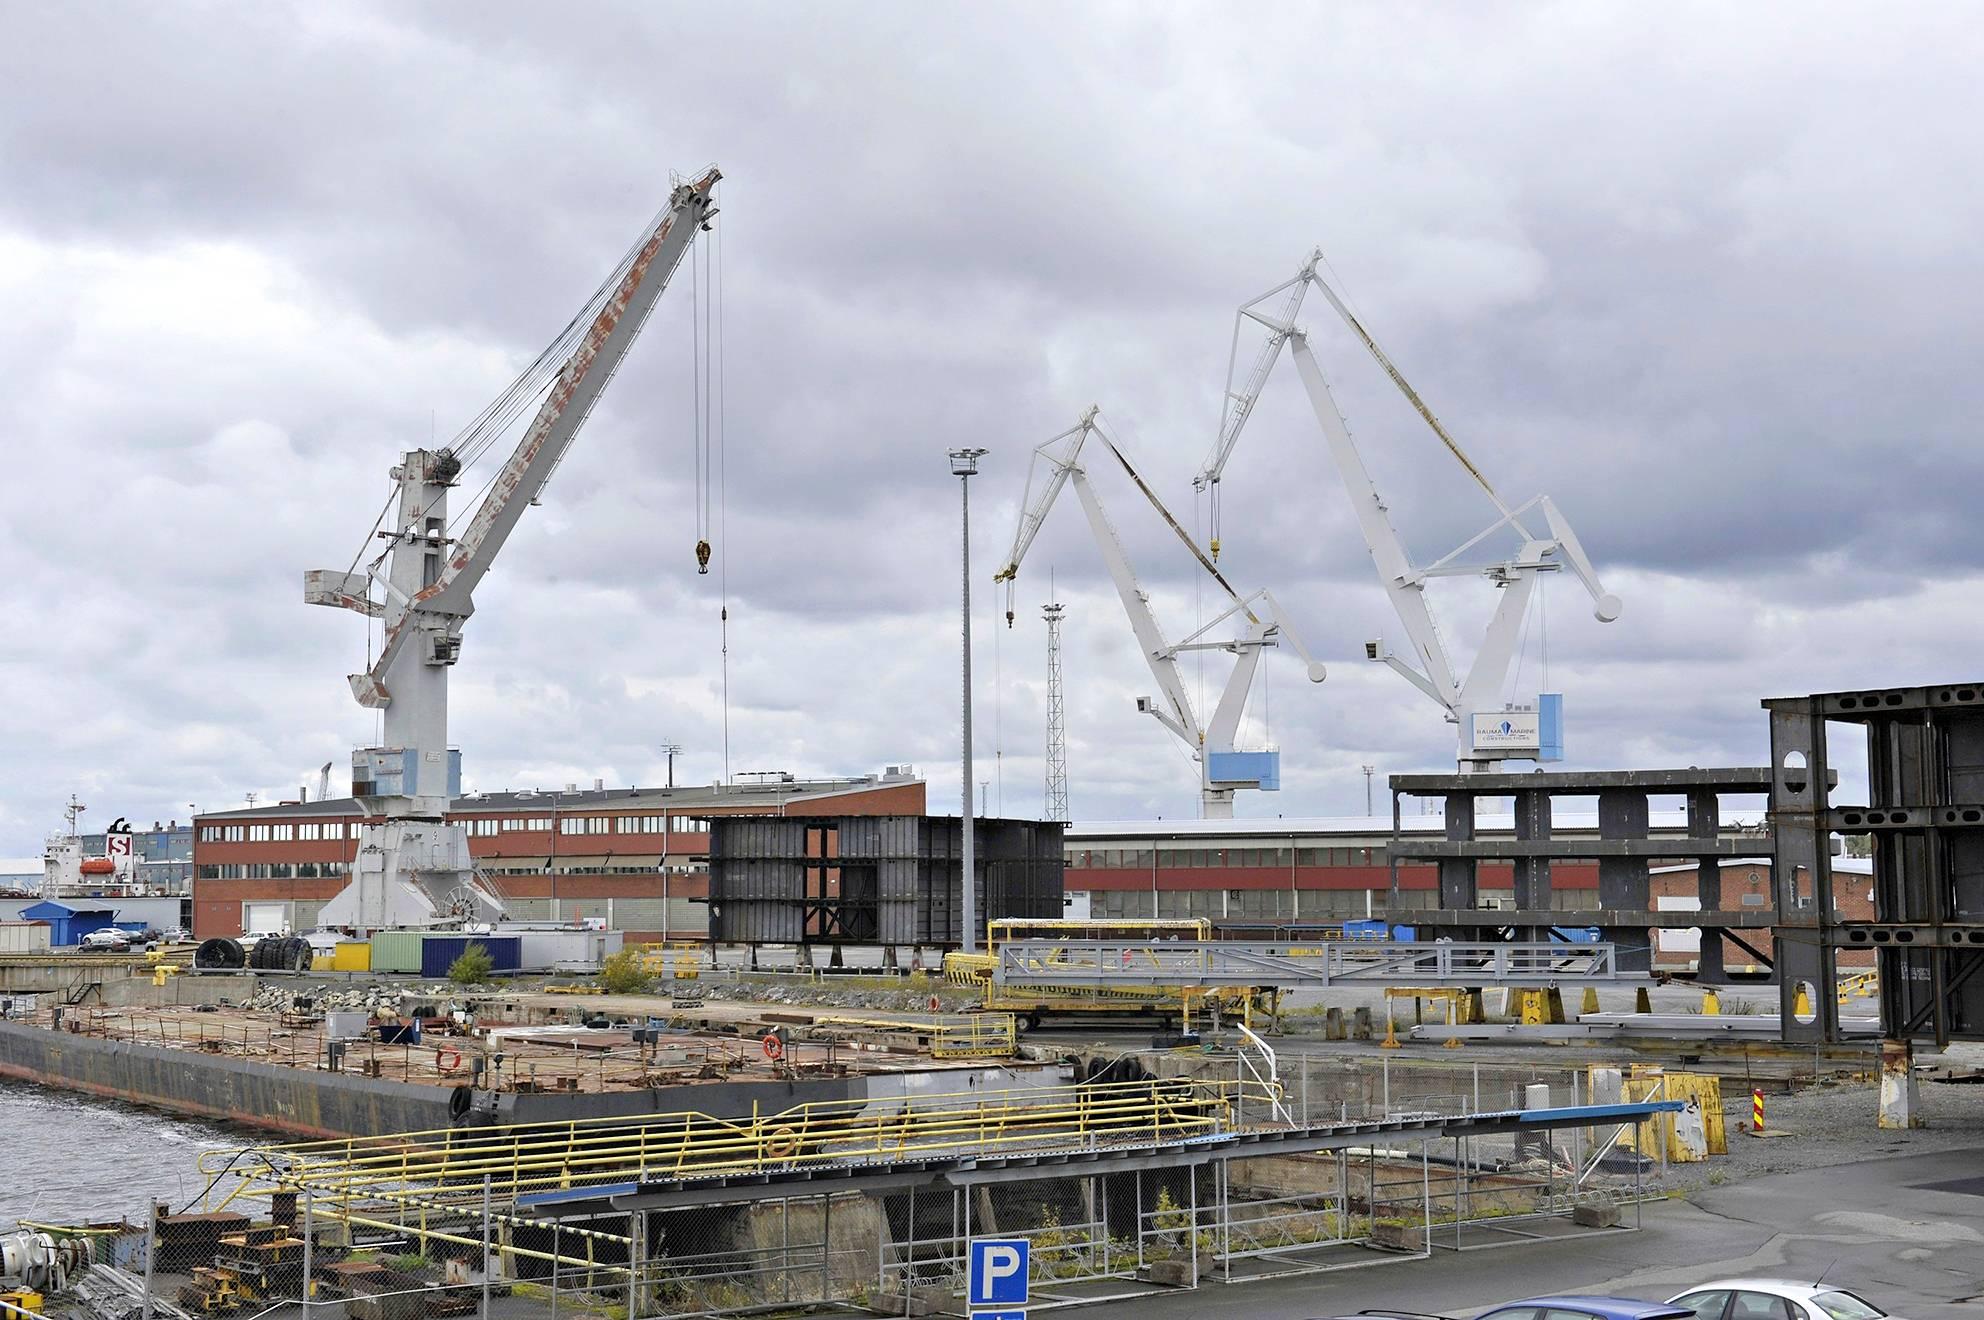 Rauman telakka-alueella työskentelee nyt noin 120 työntekijää. Työvoiman tarve kasvaa viimeistään vuonna 2022.